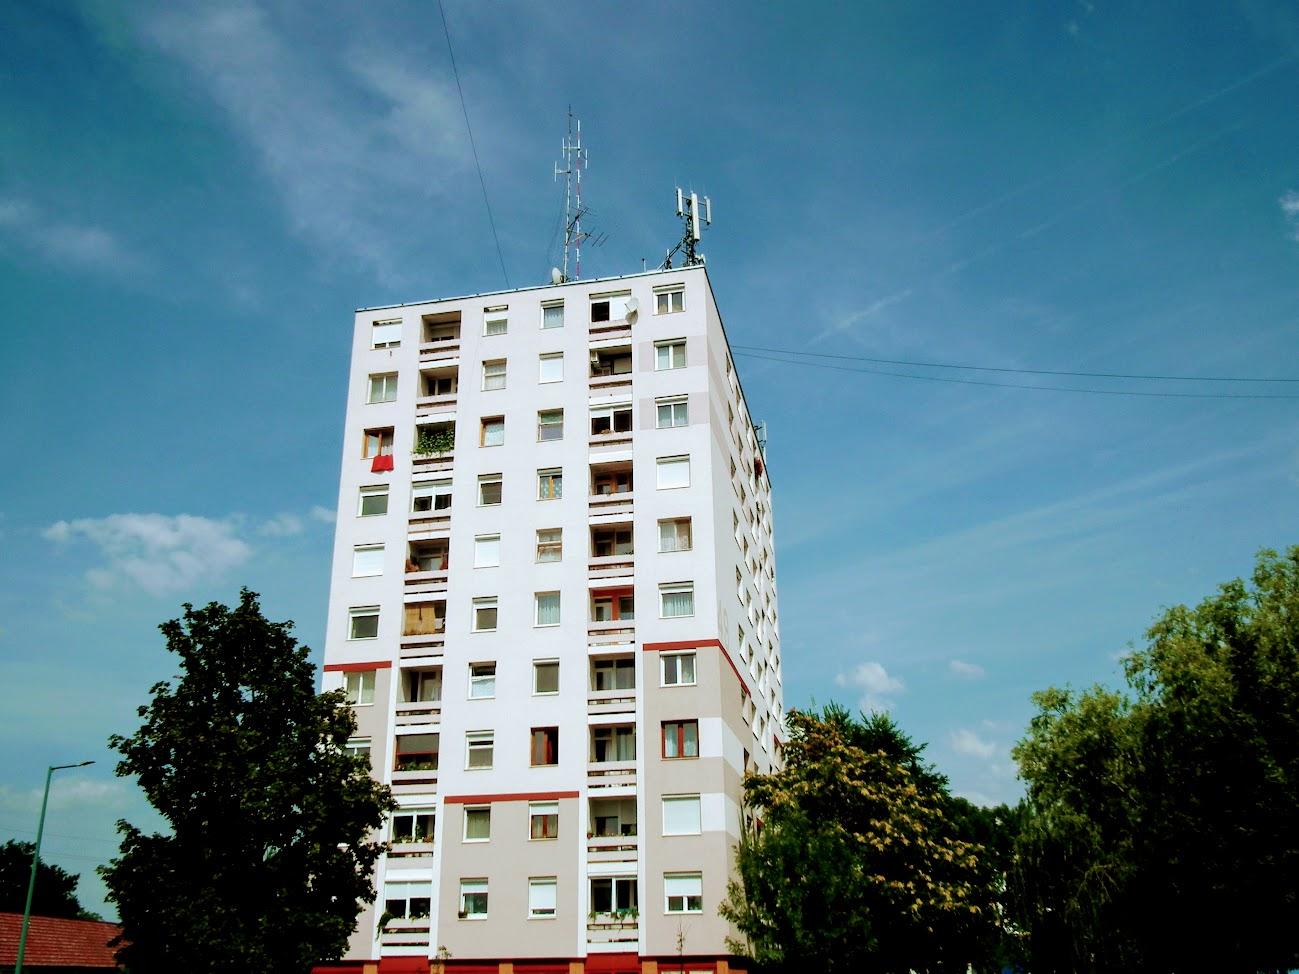 Gyula/toronyház - helyi URH-FM adóállomás